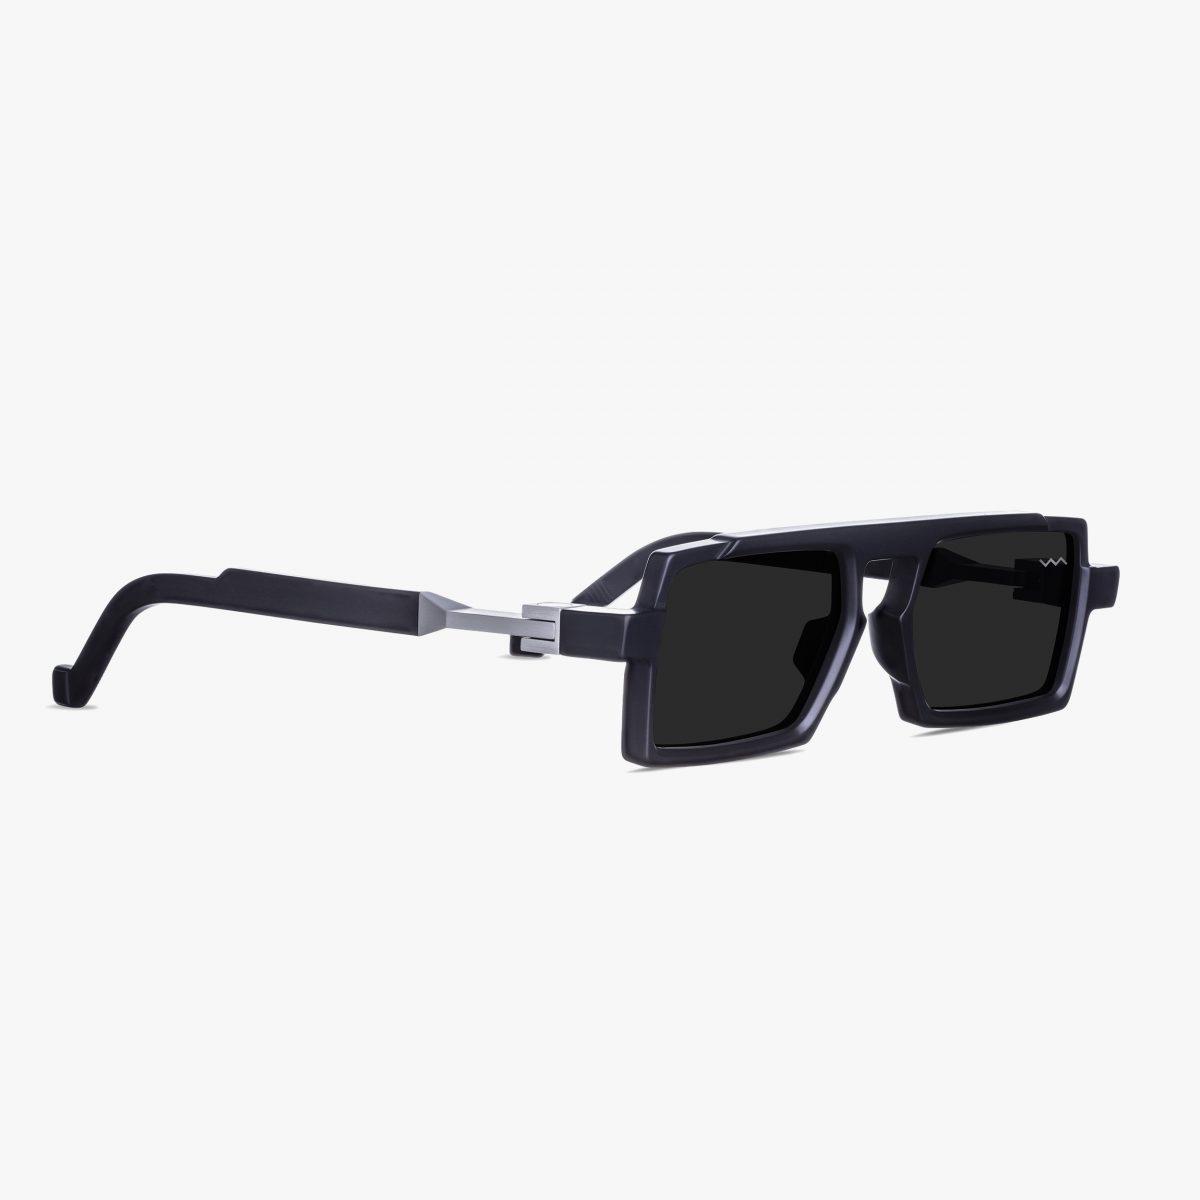 vava online shop model bl0023 black